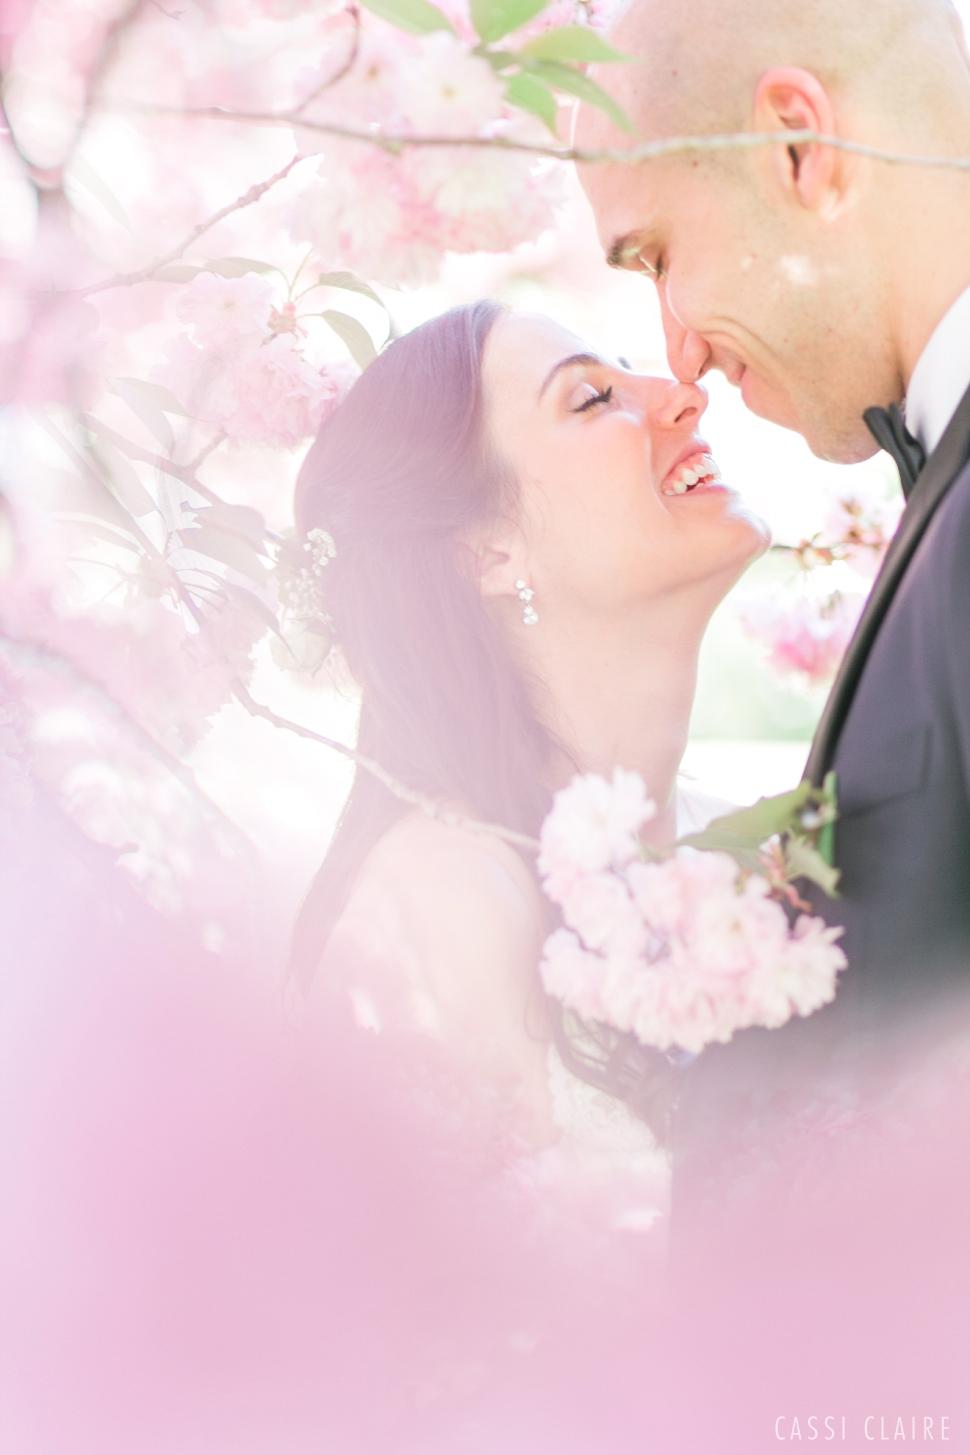 Cherry-Blossom-Wedding_CassiClaire_28.jpg